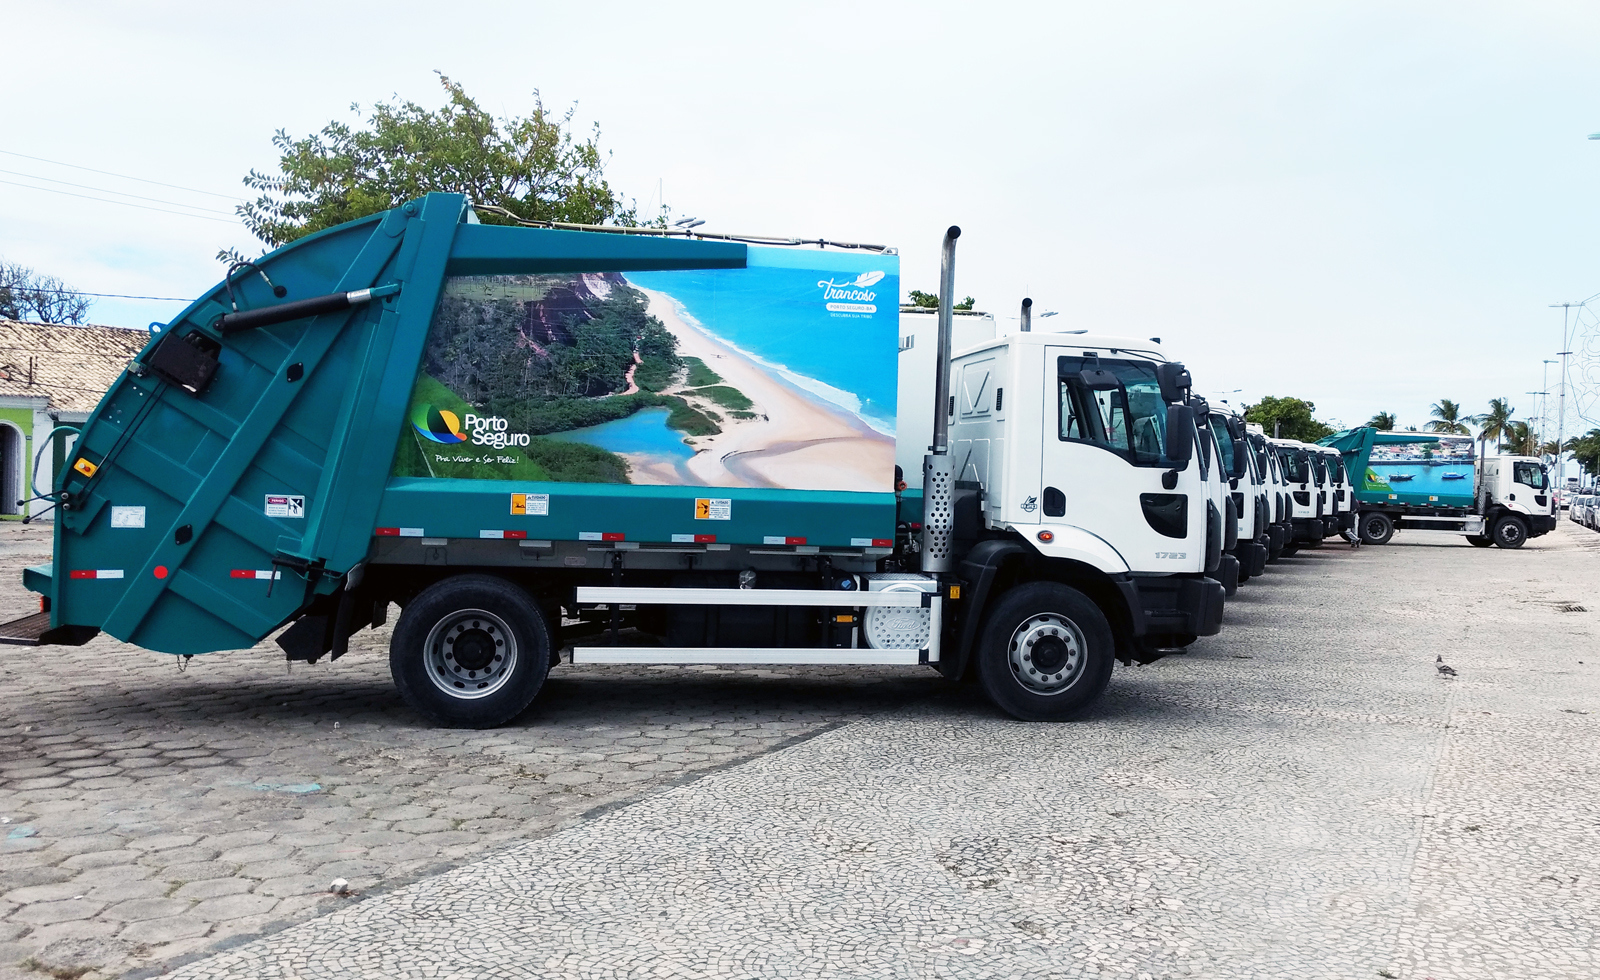 Resultado de imagem para caminhao do lixo porto seguro